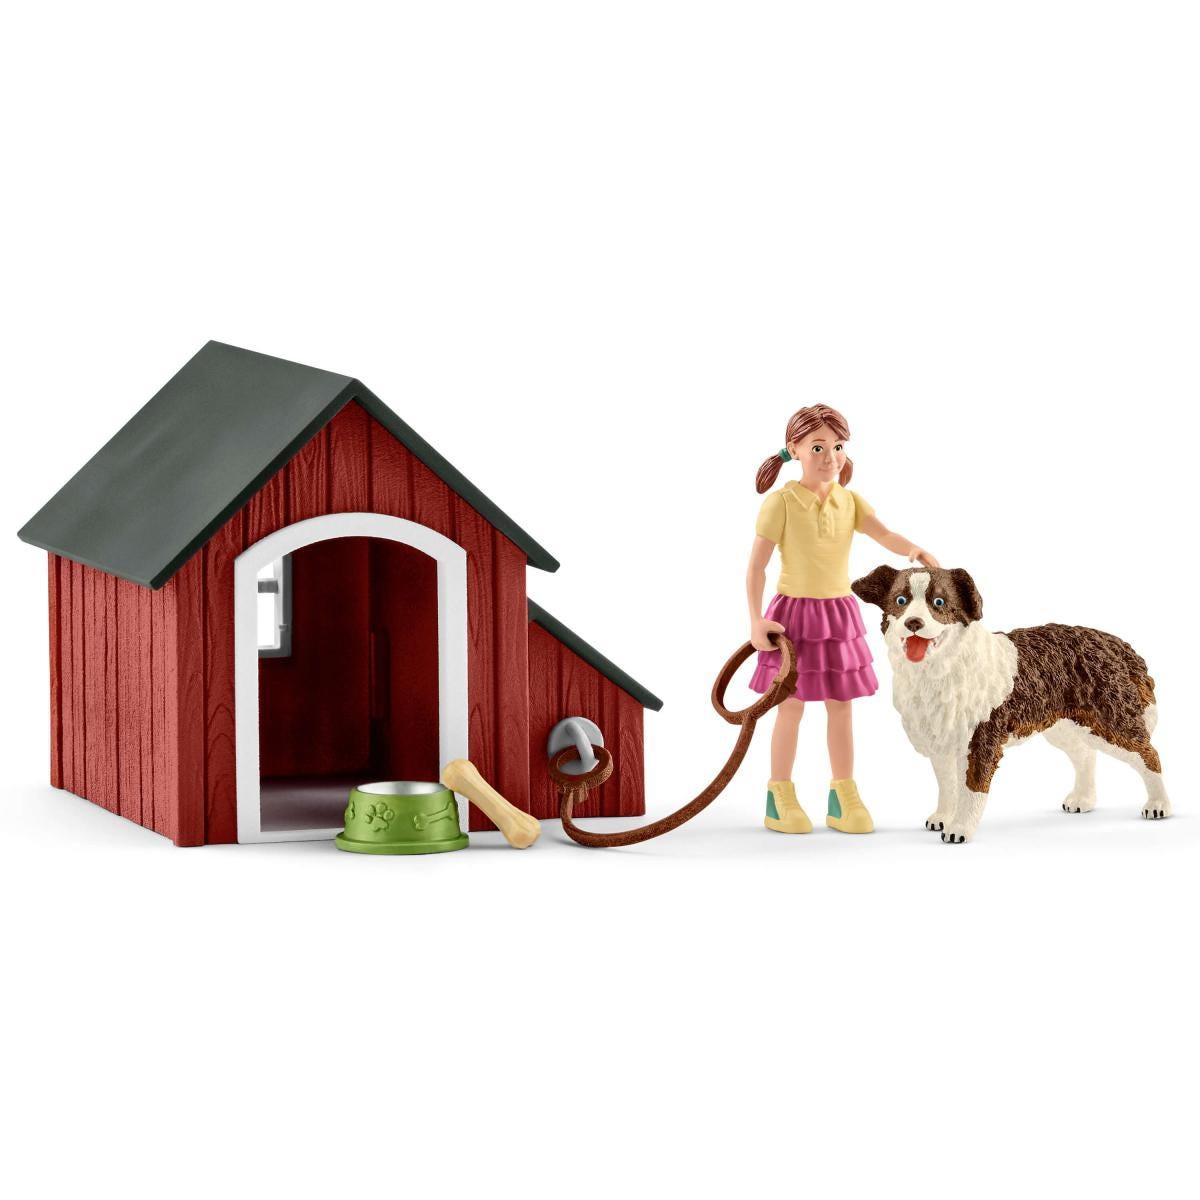 hundehütte | 42376 | farm world | schleich®